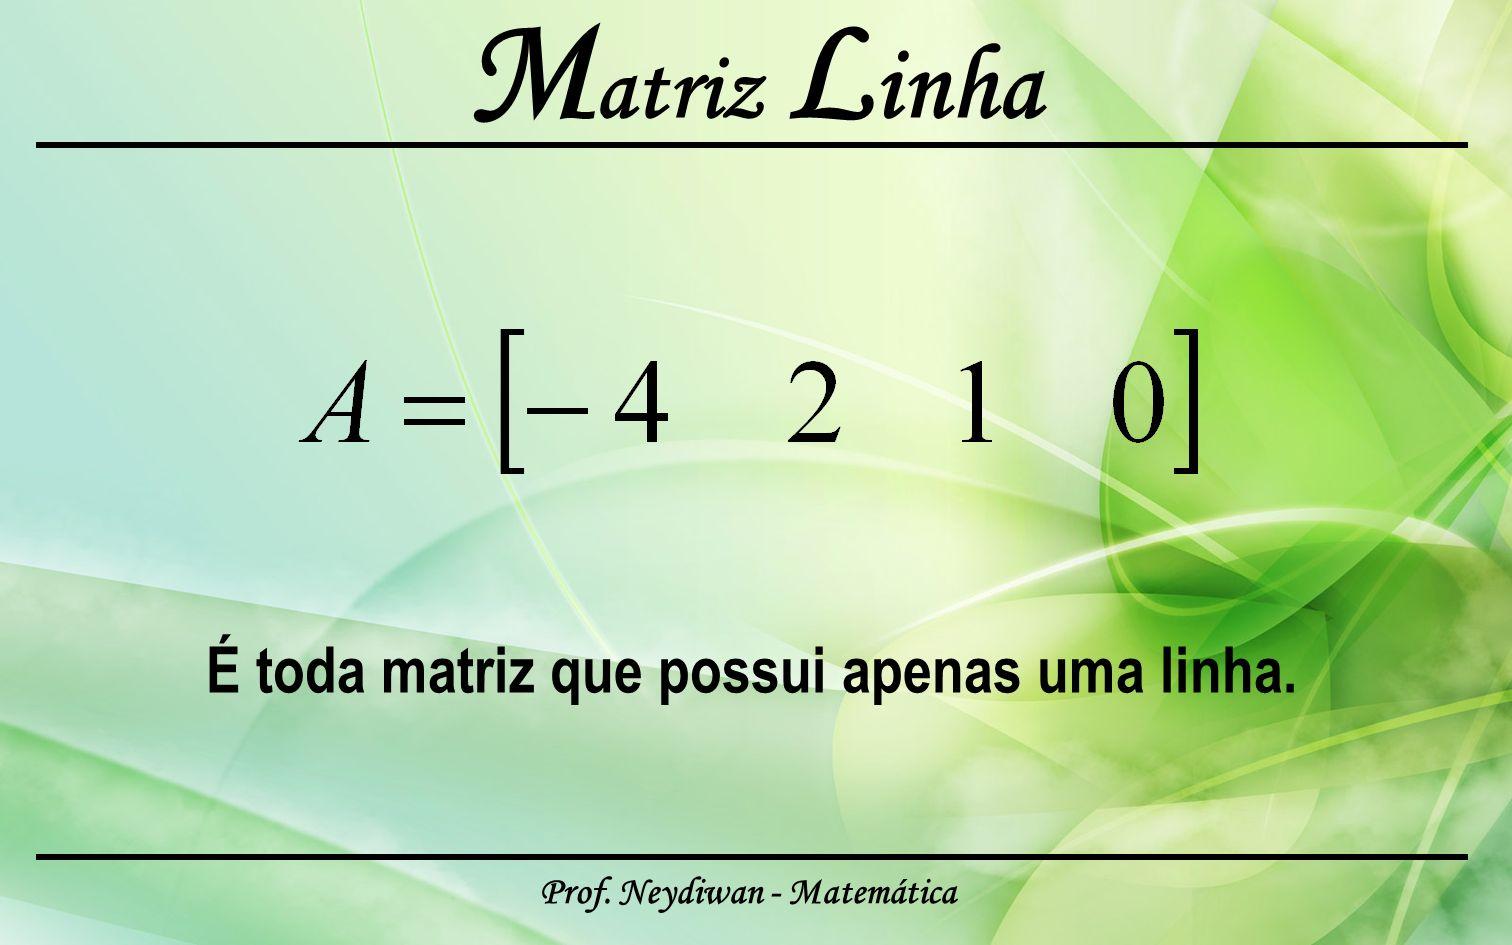 Prof. Neydiwan - Matemática M atriz C oluna É toda matriz que possui apenas uma coluna.